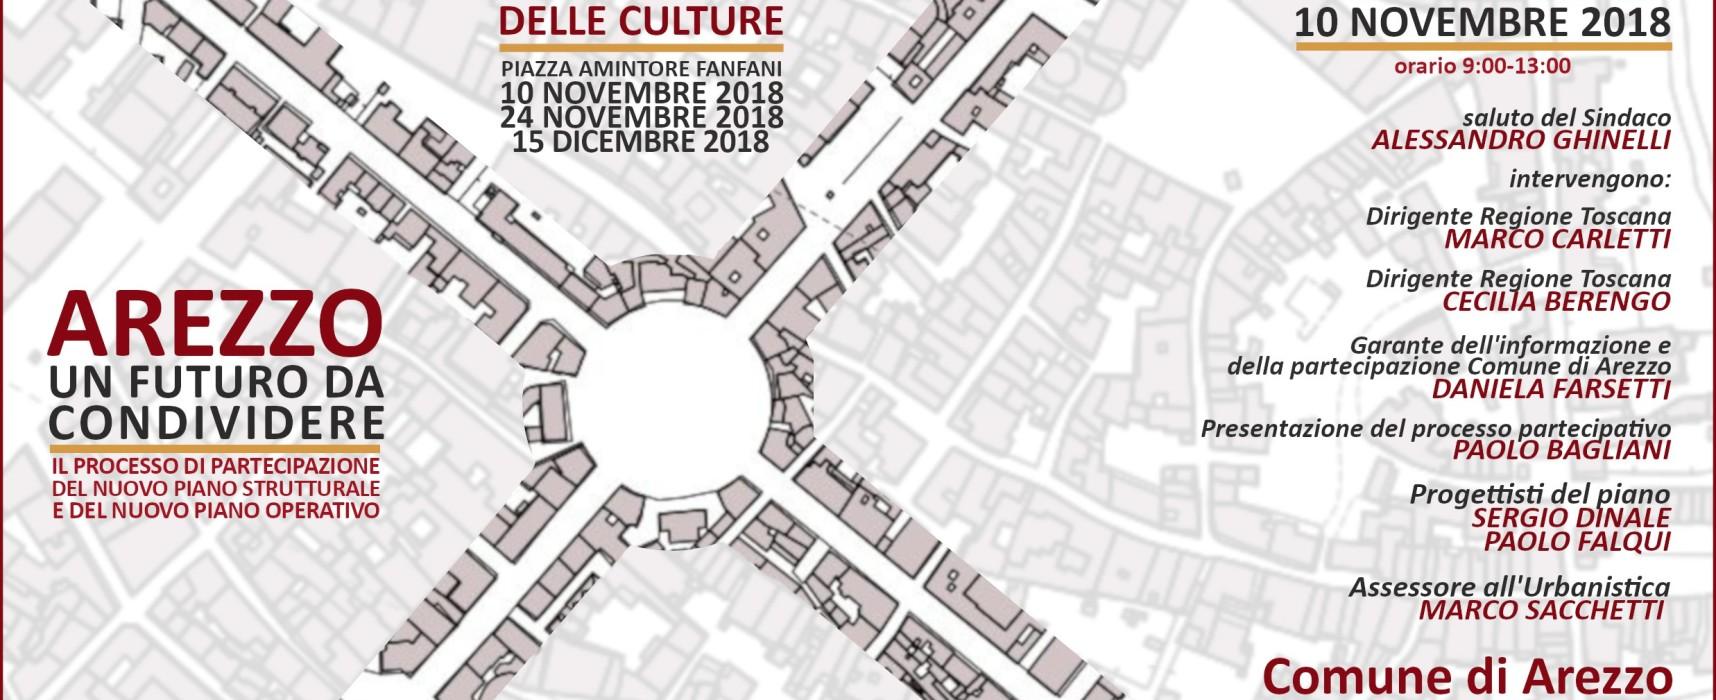 Arezzo: un futuro da condividere